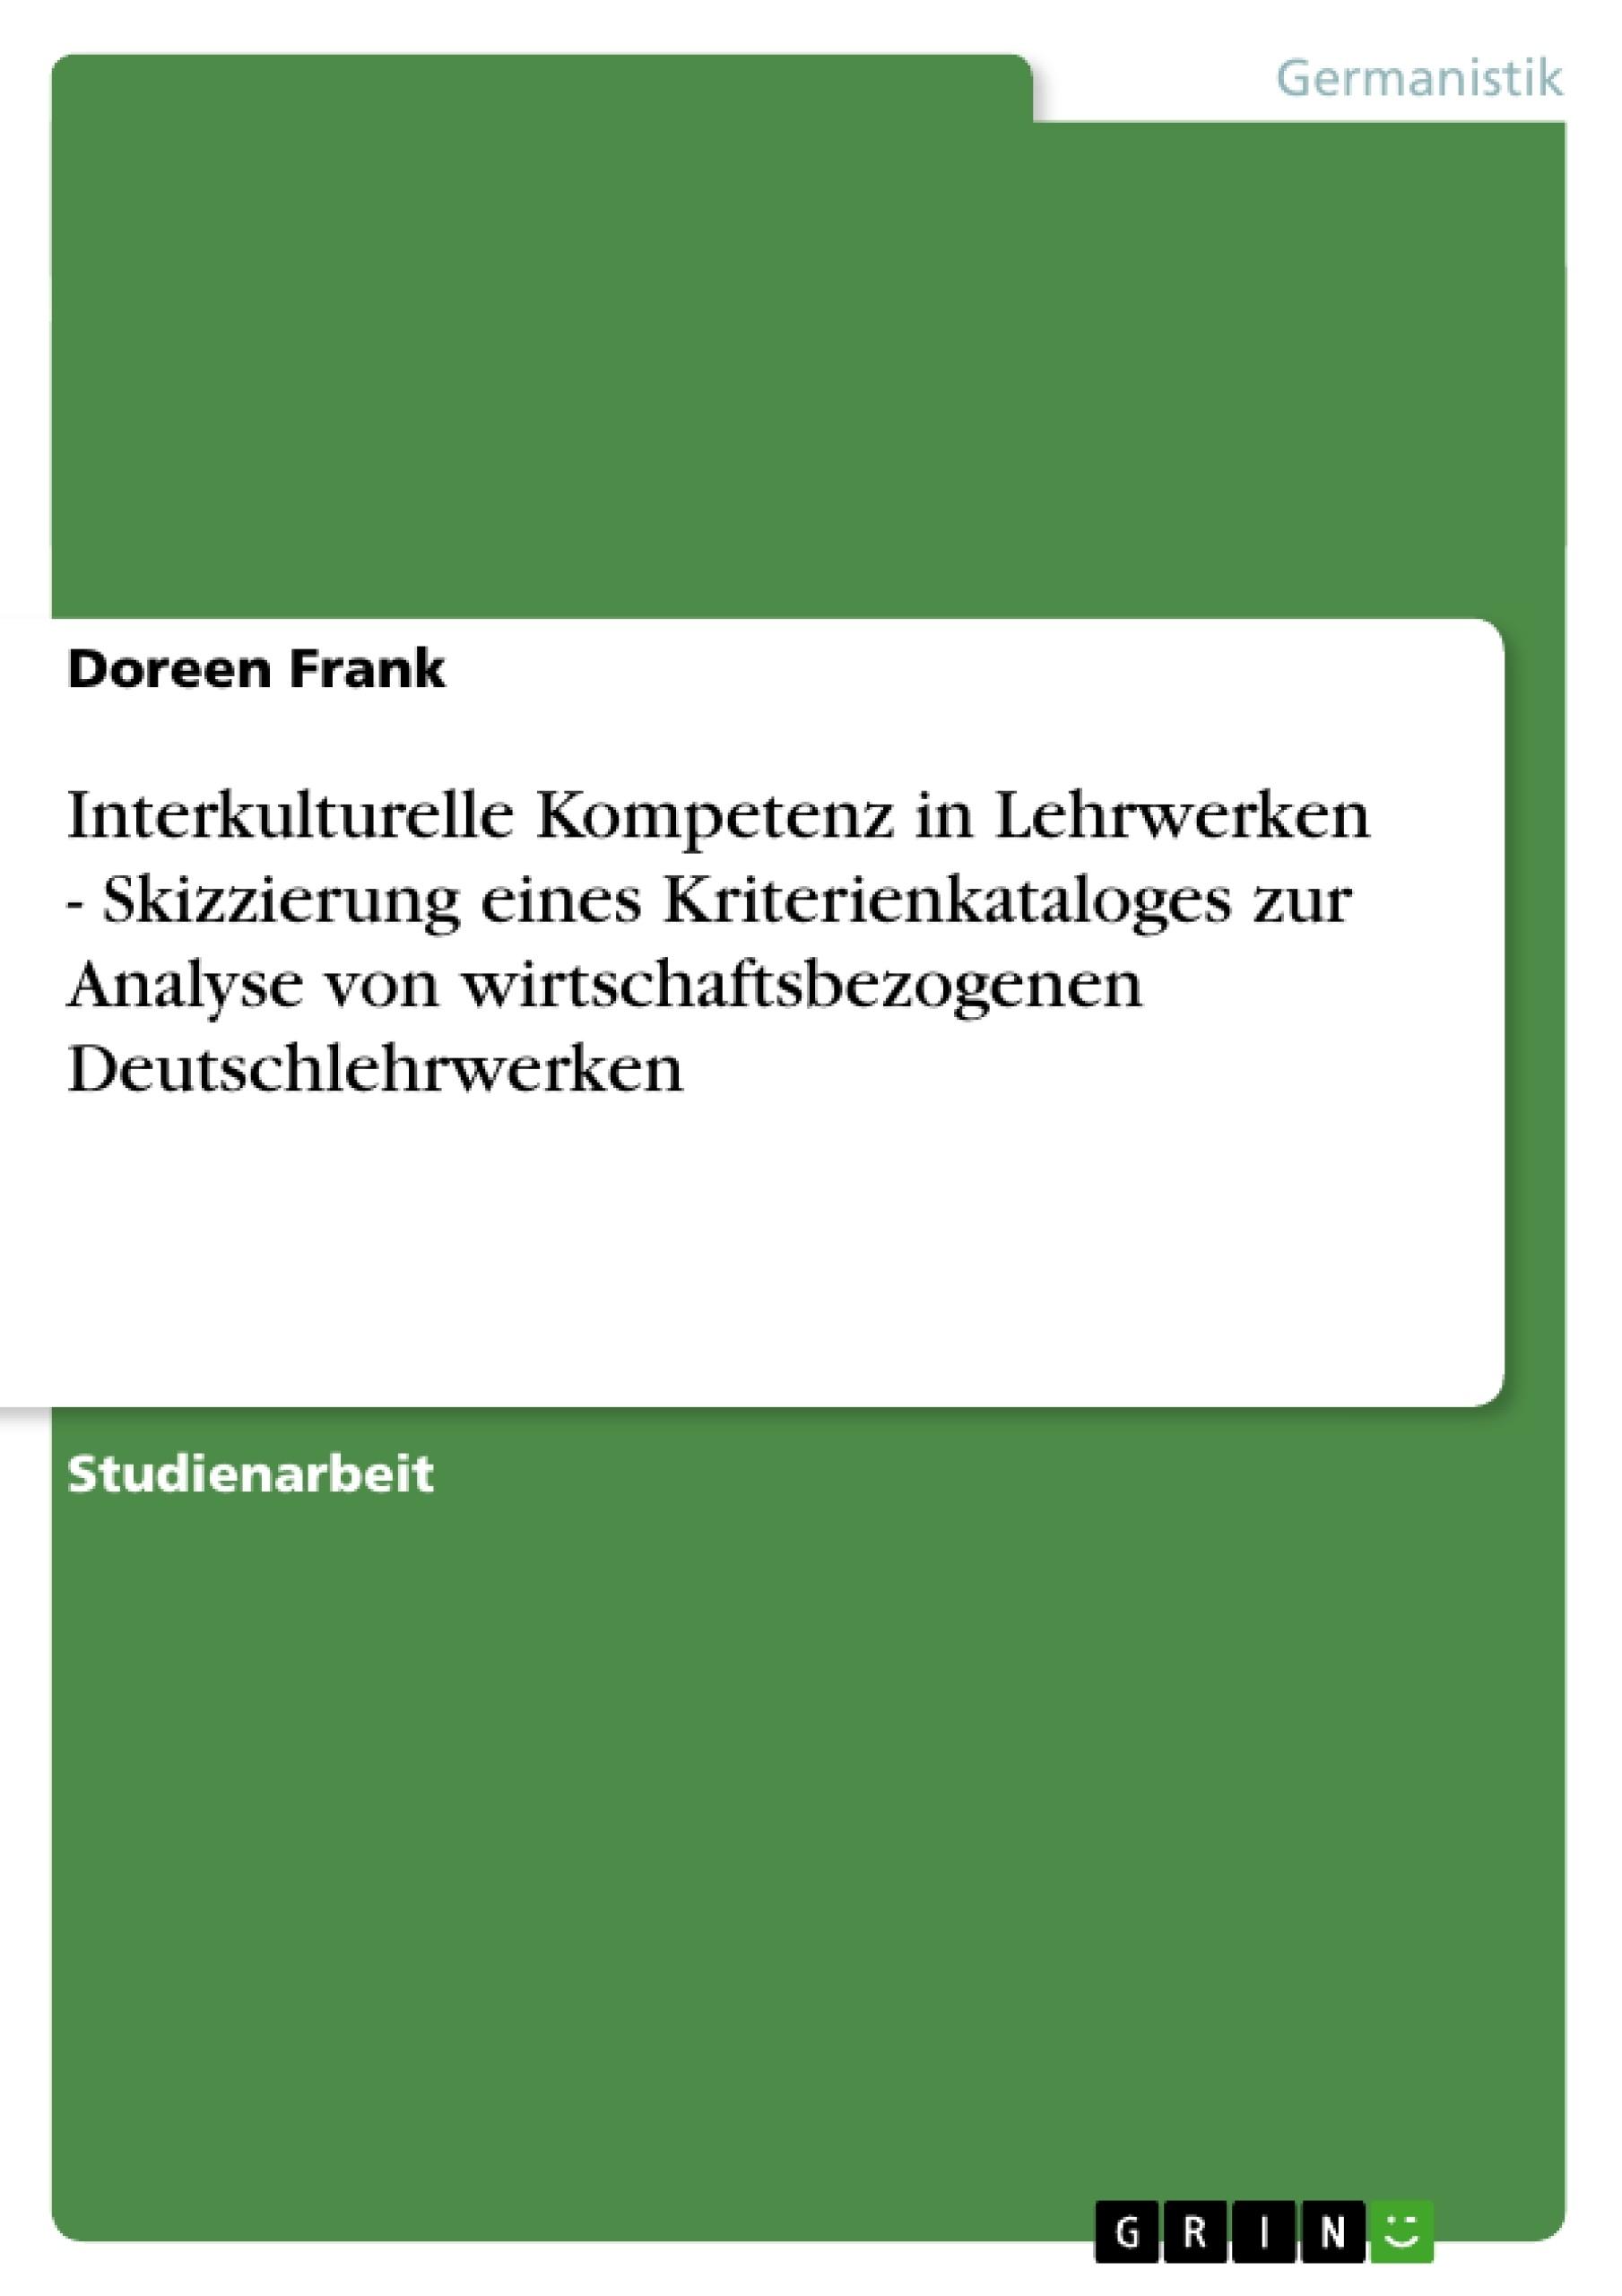 Titel: Interkulturelle Kompetenz in Lehrwerken - Skizzierung eines Kriterienkataloges zur Analyse von wirtschaftsbezogenen Deutschlehrwerken